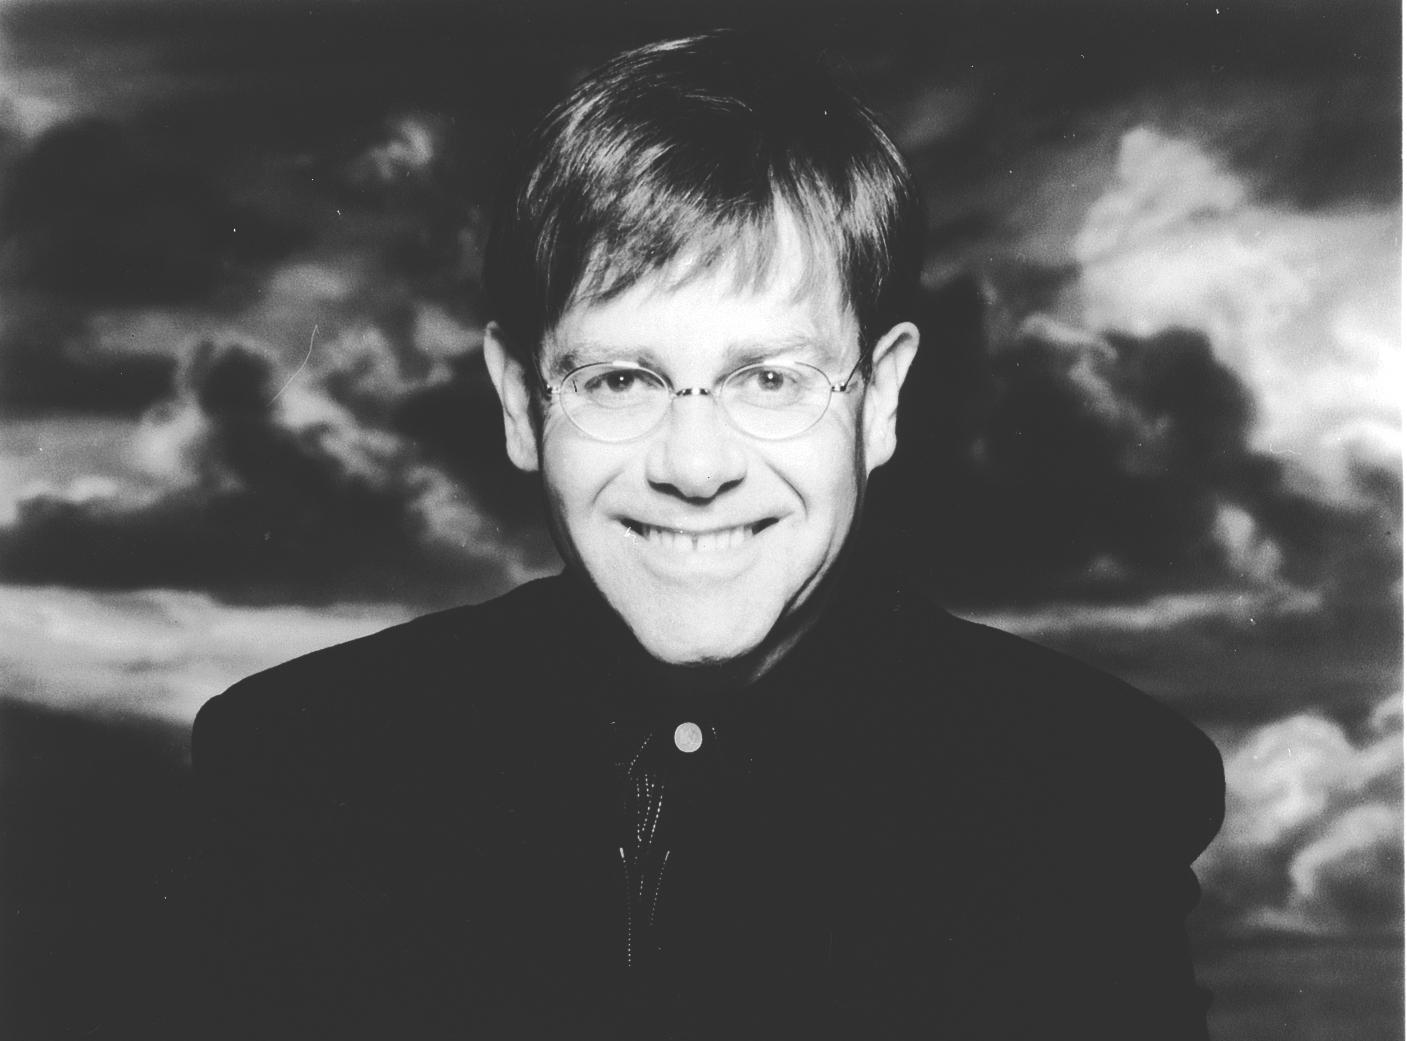 Elton John y los recuerdos infantiles de una vida simple